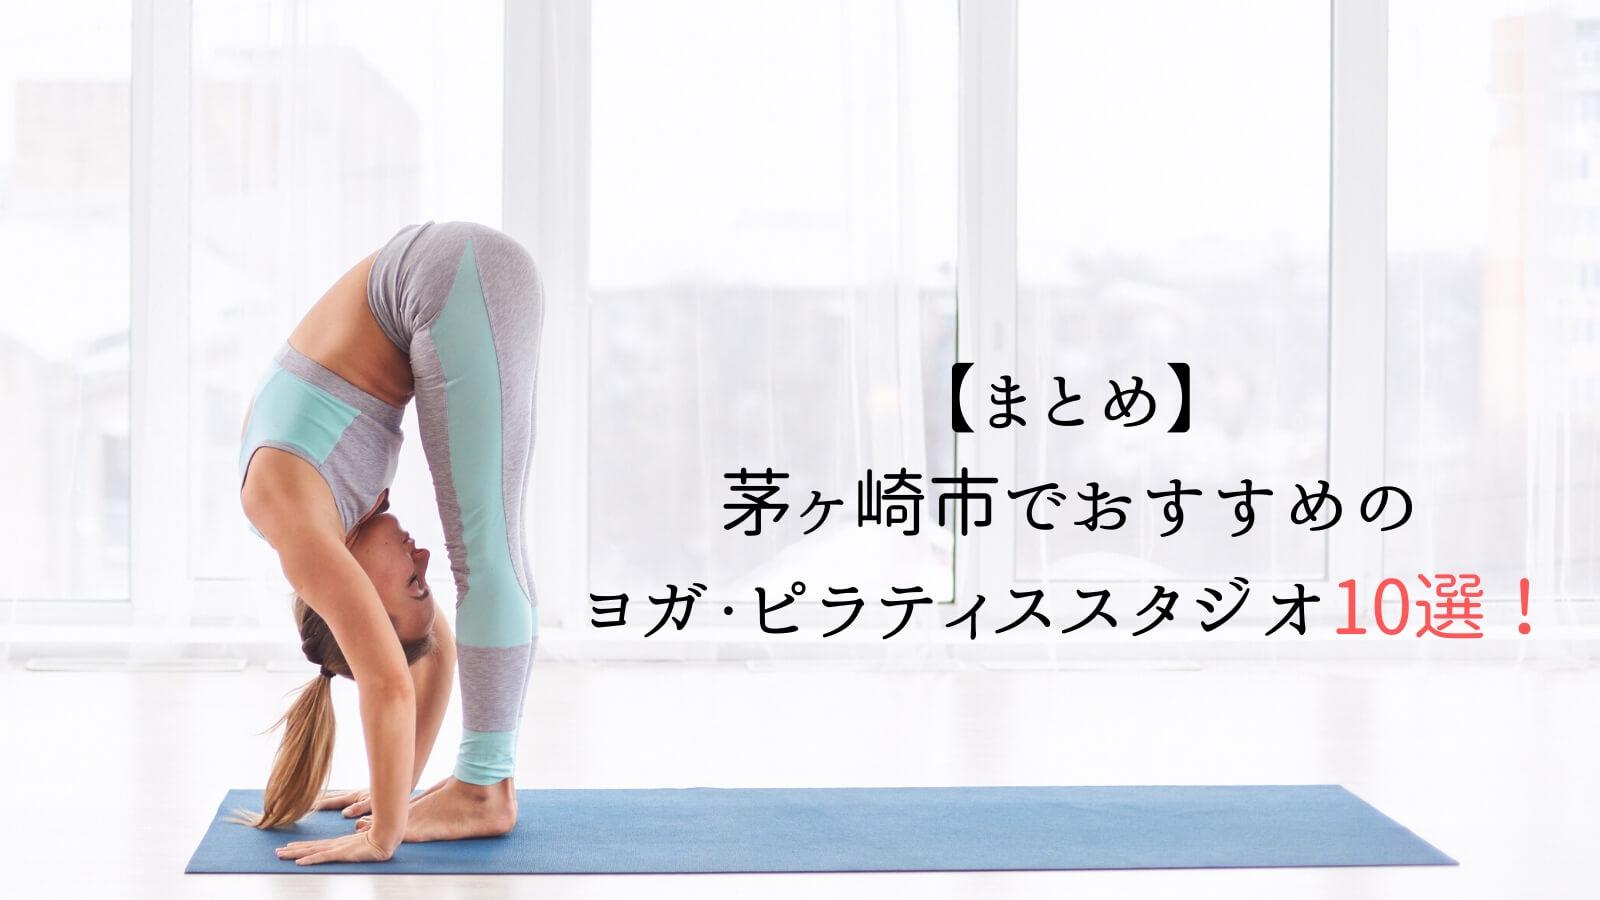 【まとめ】茅ヶ崎市でおすすめのヨガ・ピラティススタジオ10選